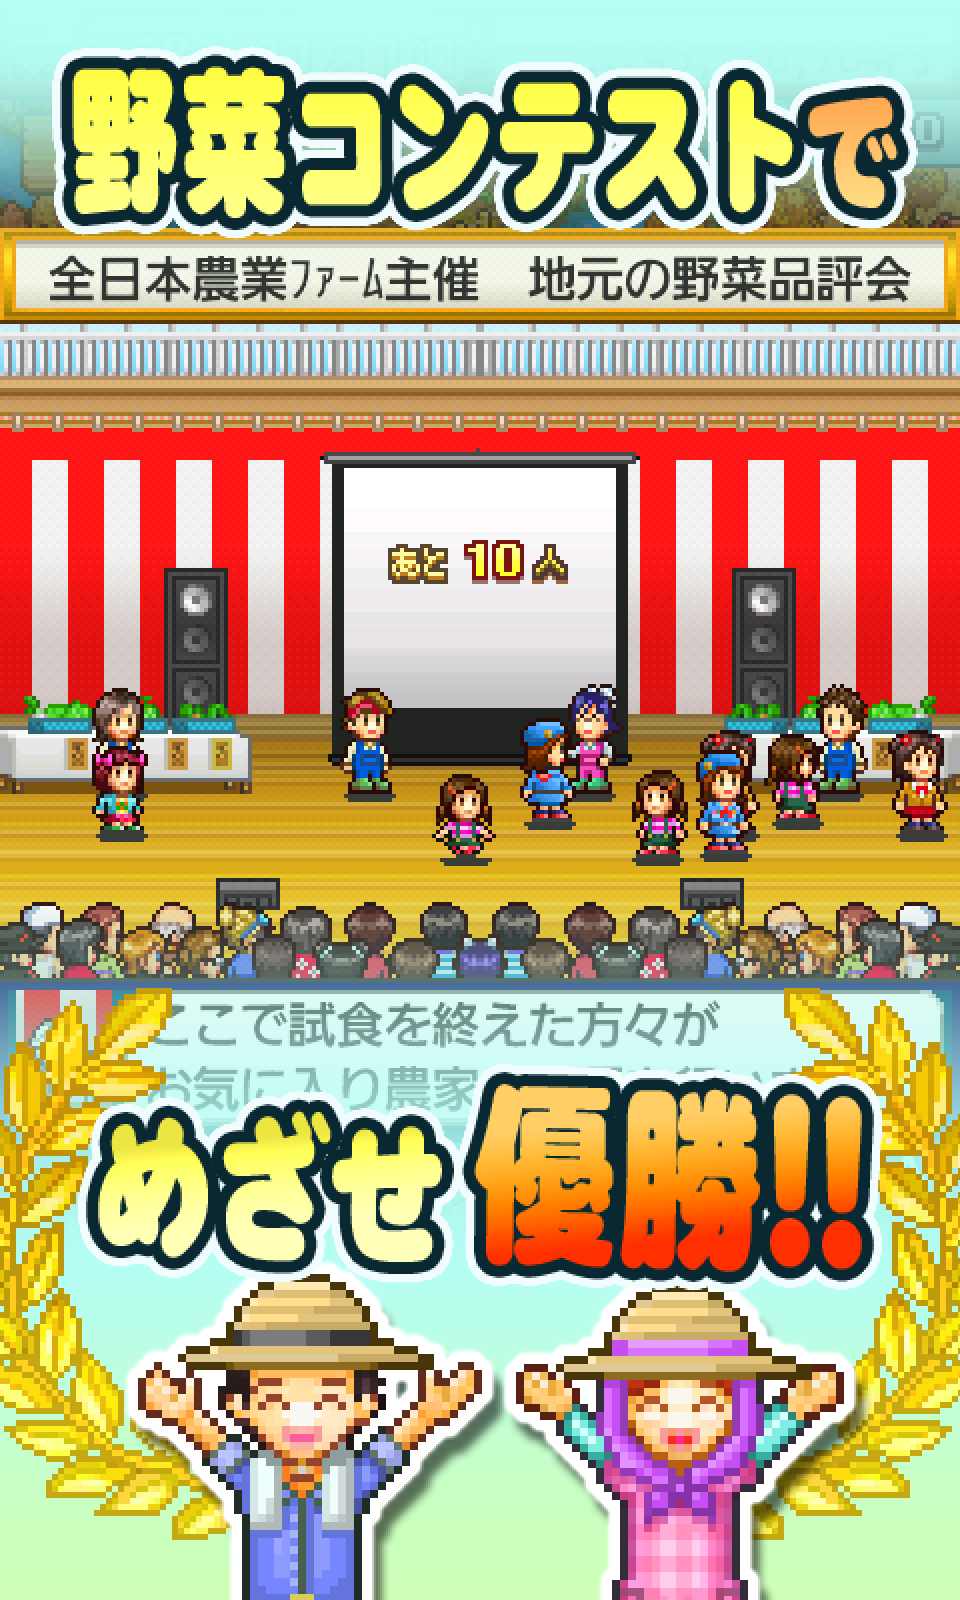 大空ヘクタール農園 screenshot #12